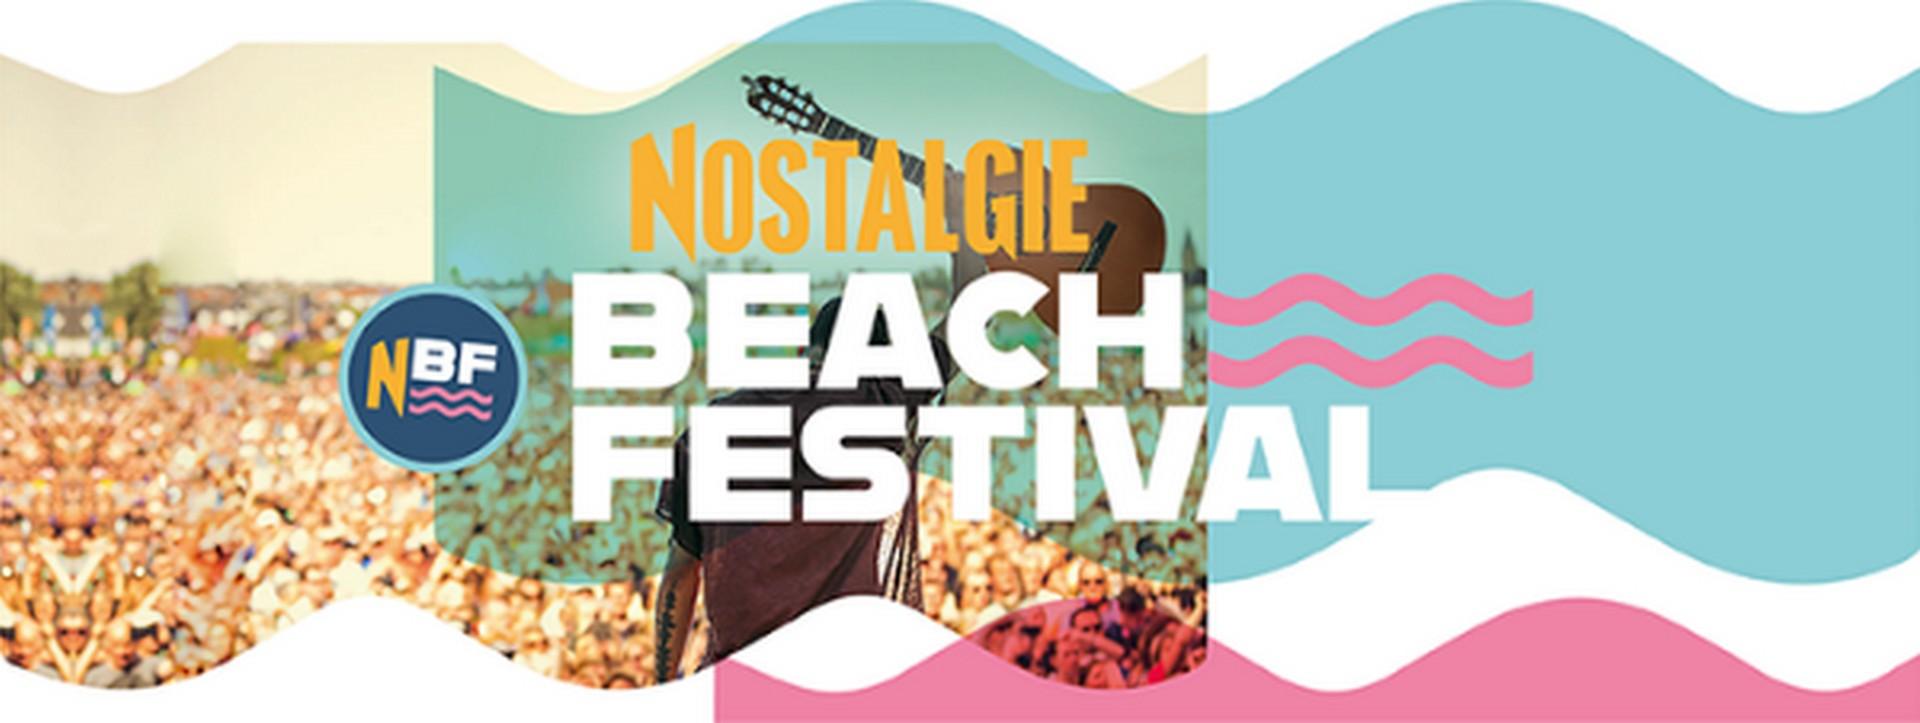 ANOUK OP NOSTALGIE BEACH FESTIVAL MIDDELKERKE - Logo Nostalgie Beach Festival